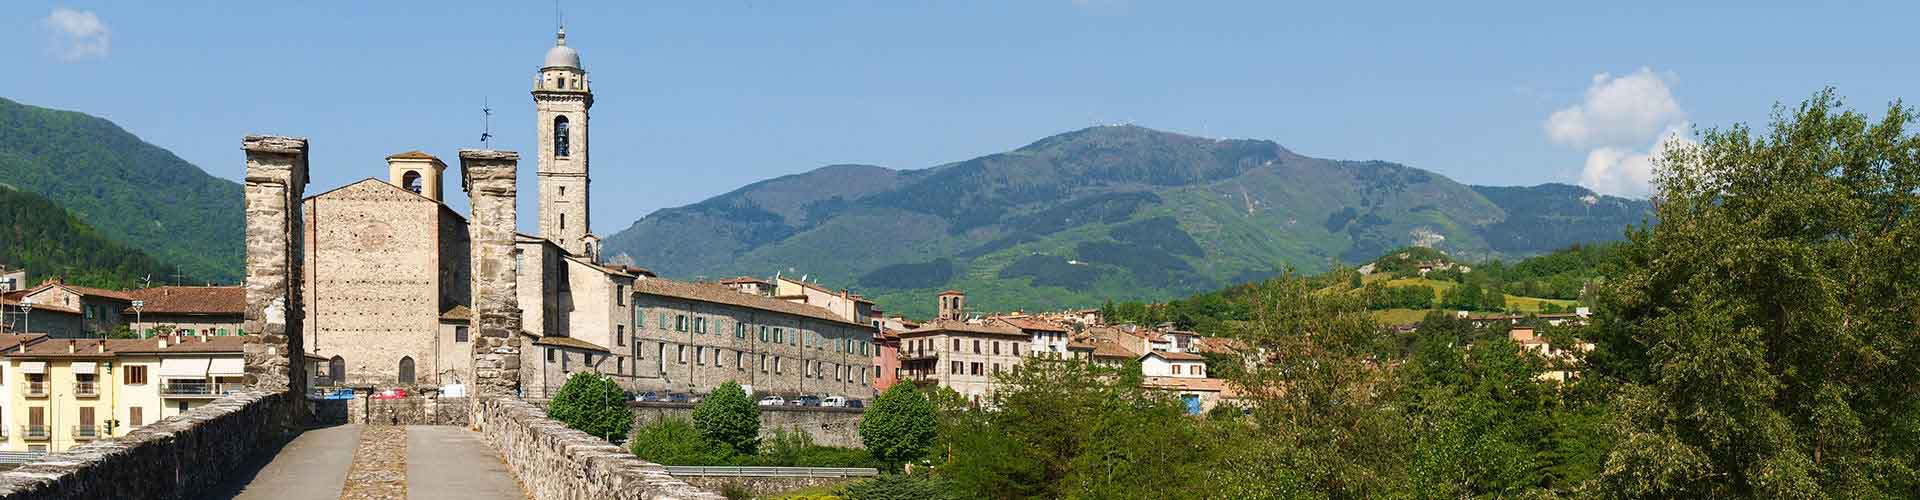 Piacenza - Apartamentos en Piacenza. Mapas de Piacenza, Fotos y comentarios de cada Apartamento en Piacenza.